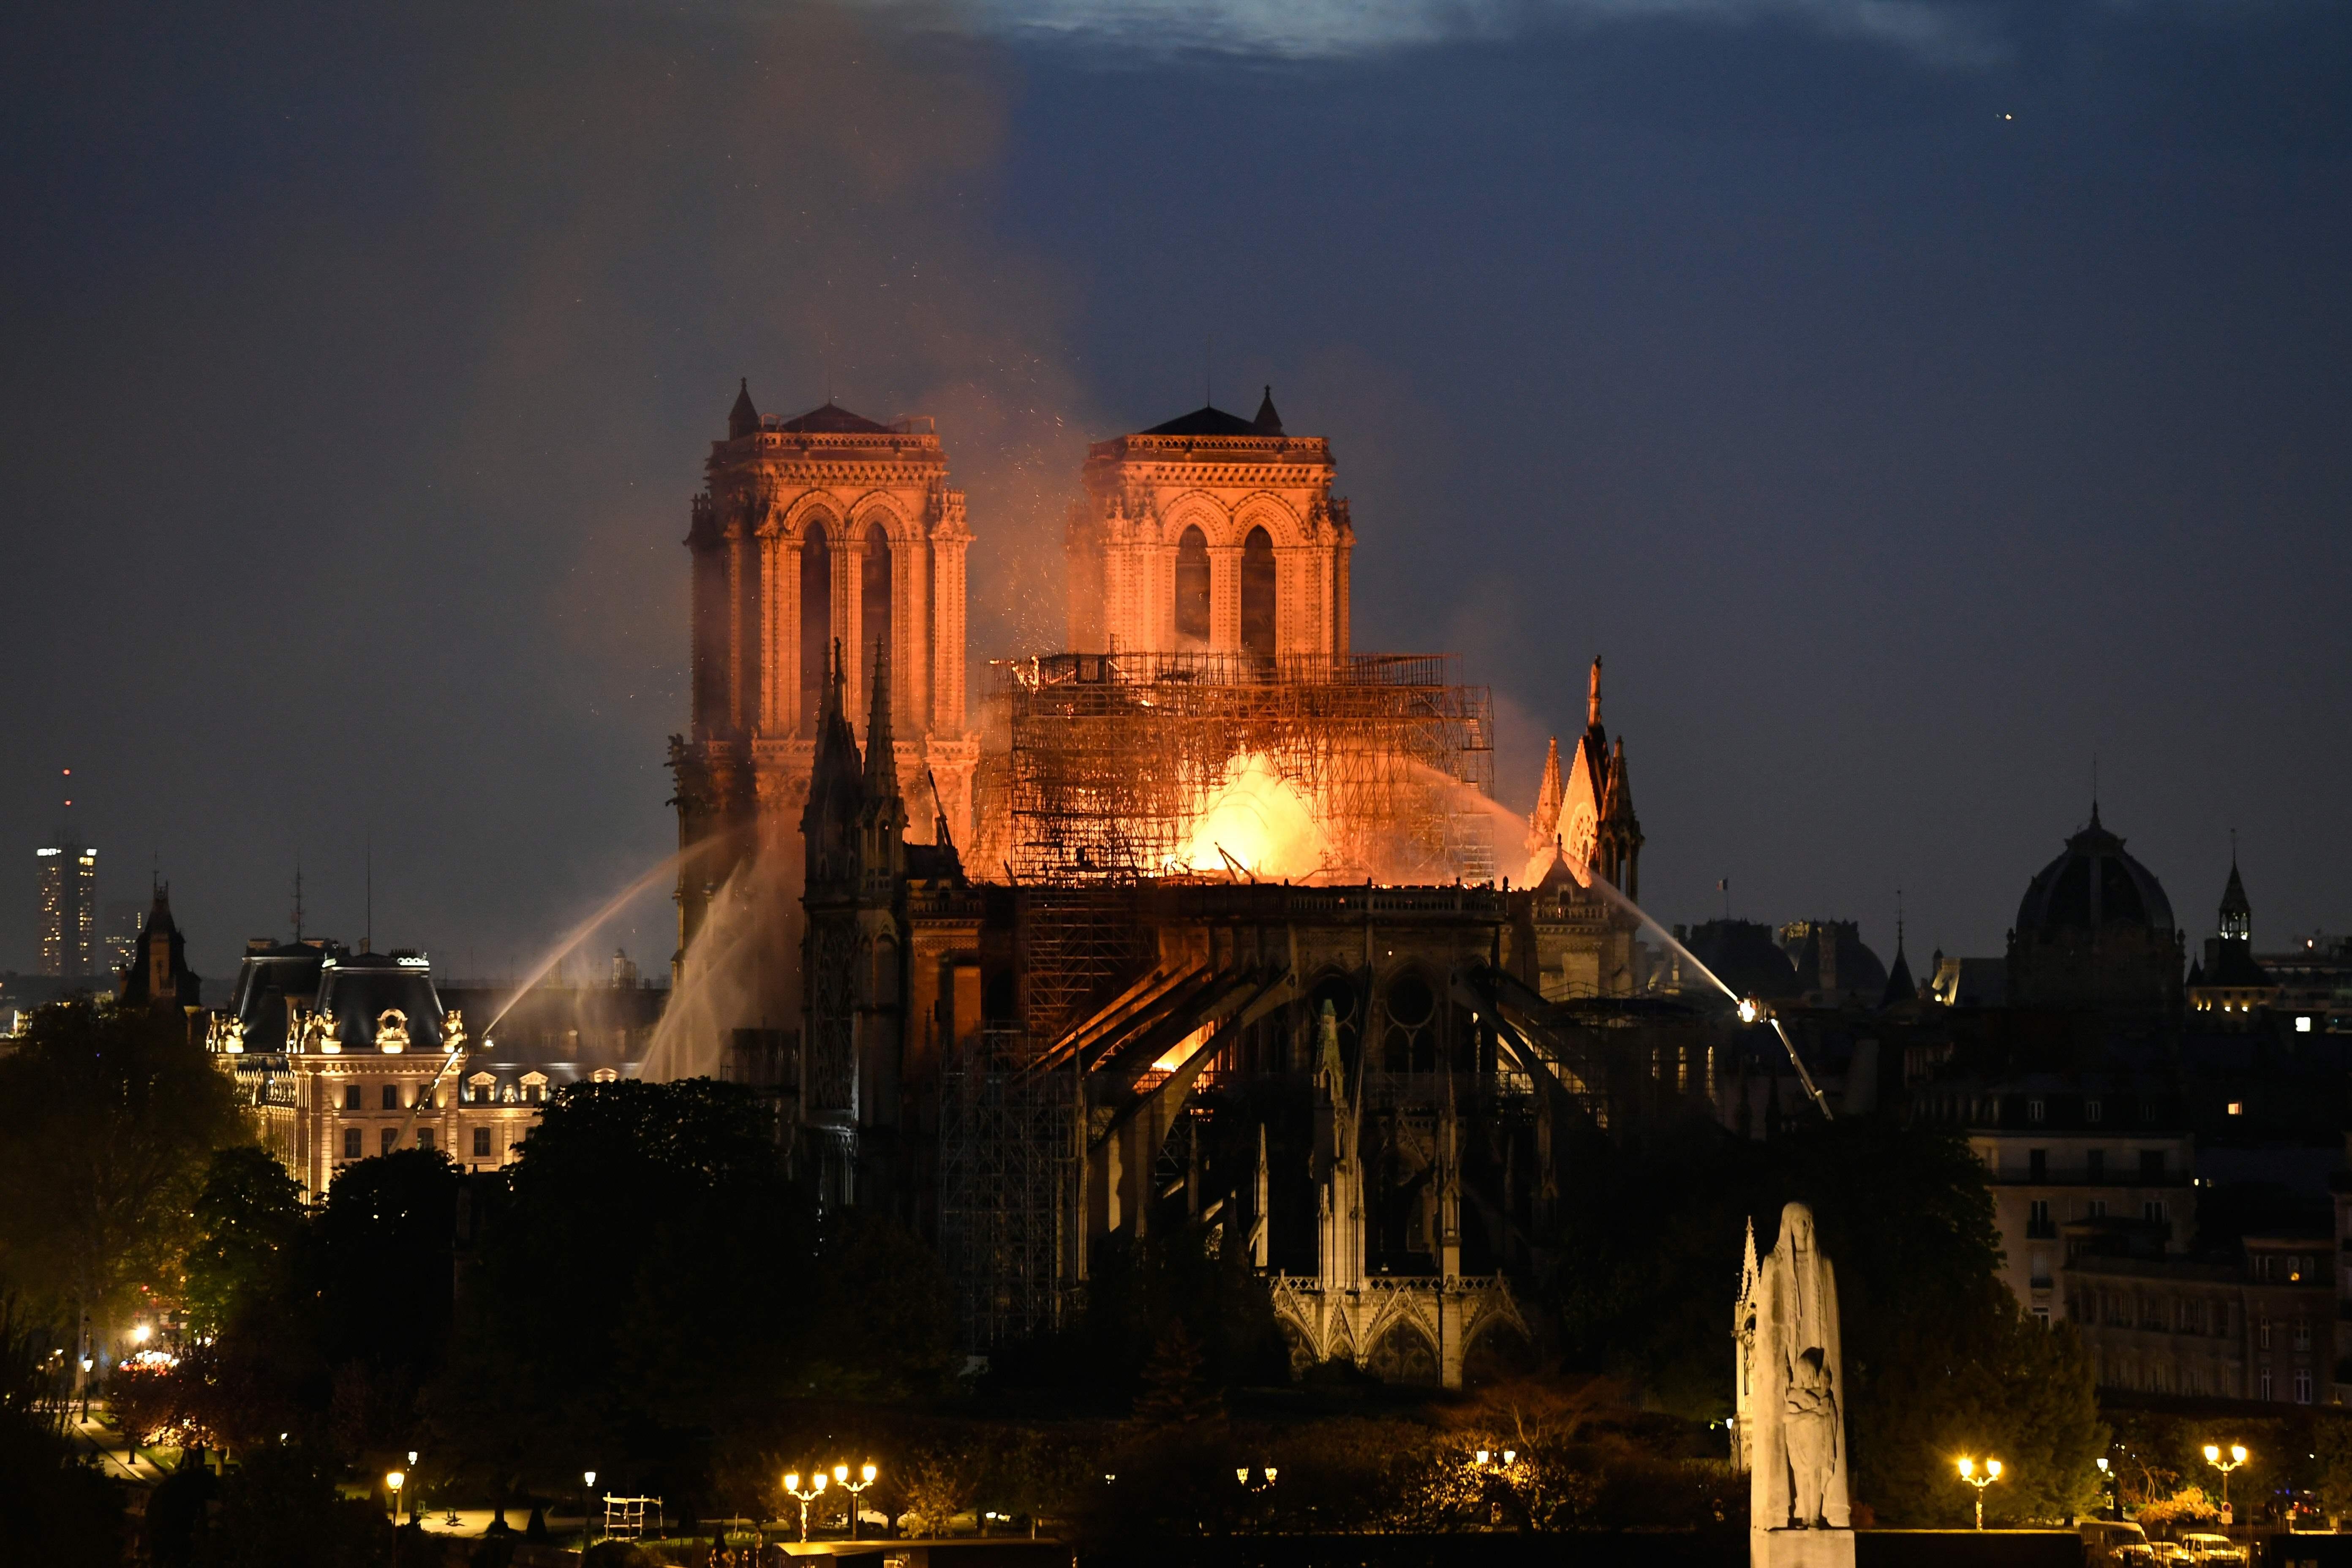 La catedral de Notre Dame, una joya arquitectónica, fue destruida por un incendio el pasado 15 de abril. (Foto Prensa Libre: AFP)